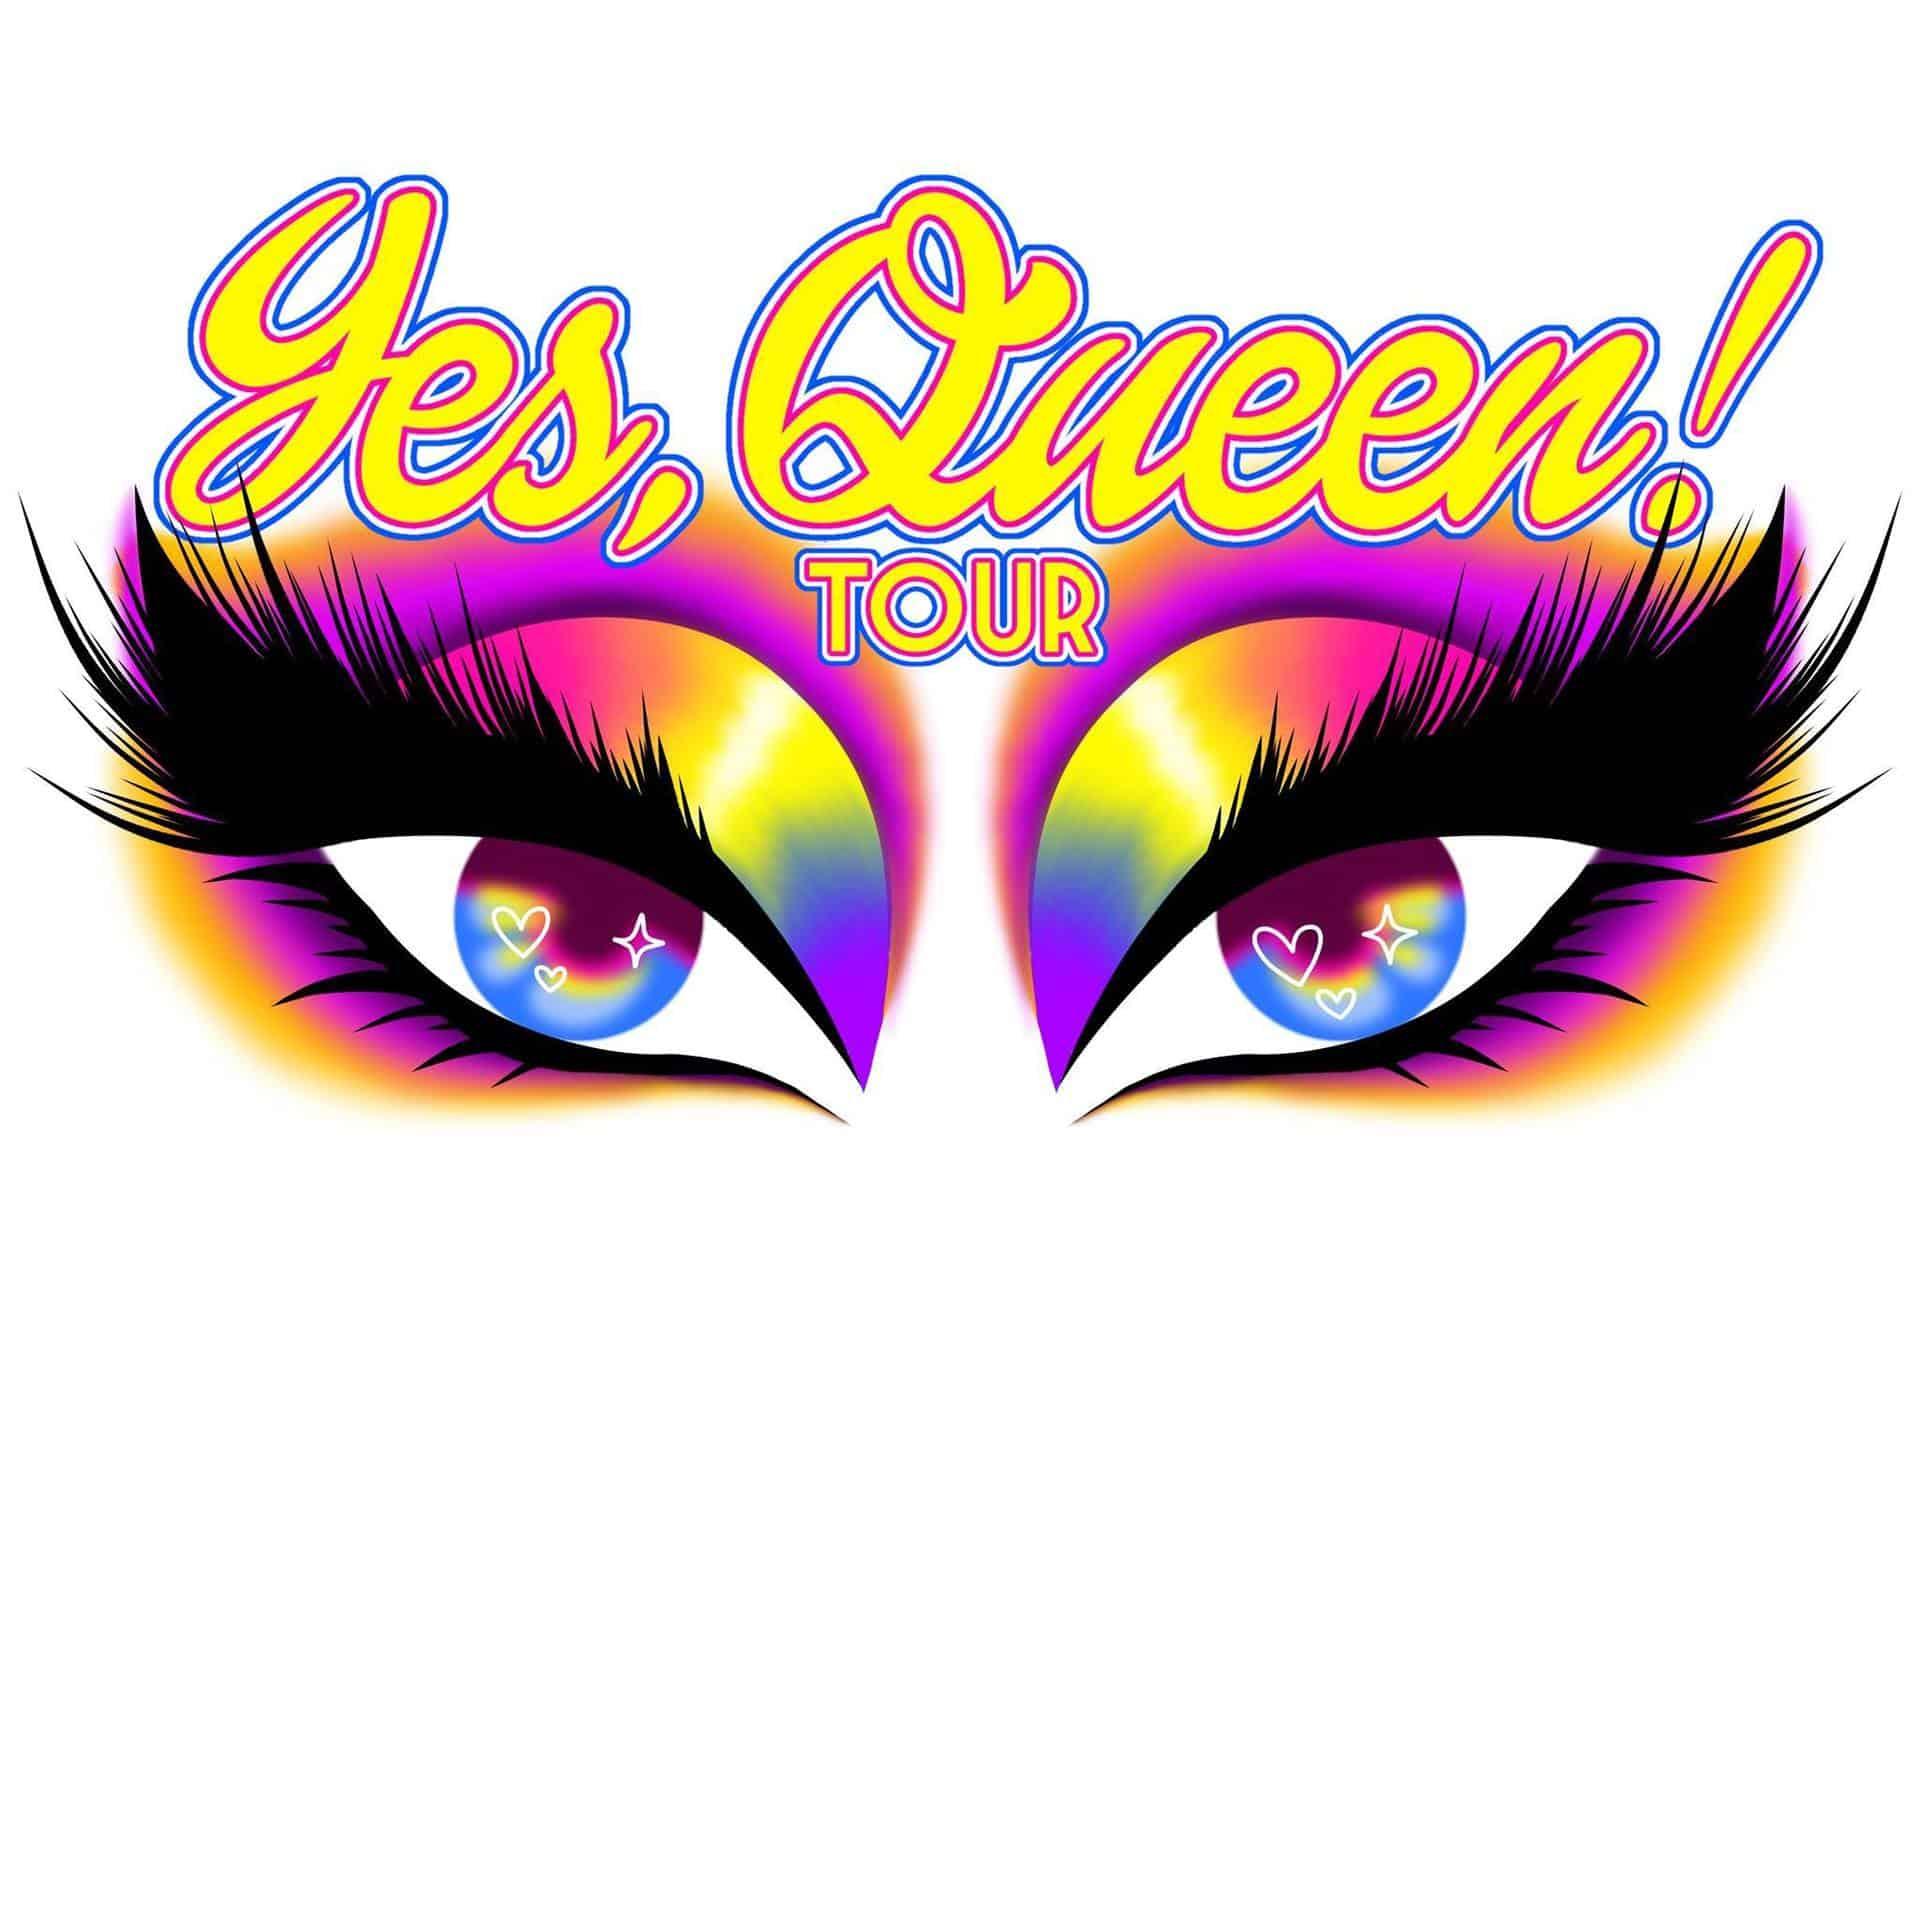 نعم الملكة! رحلة